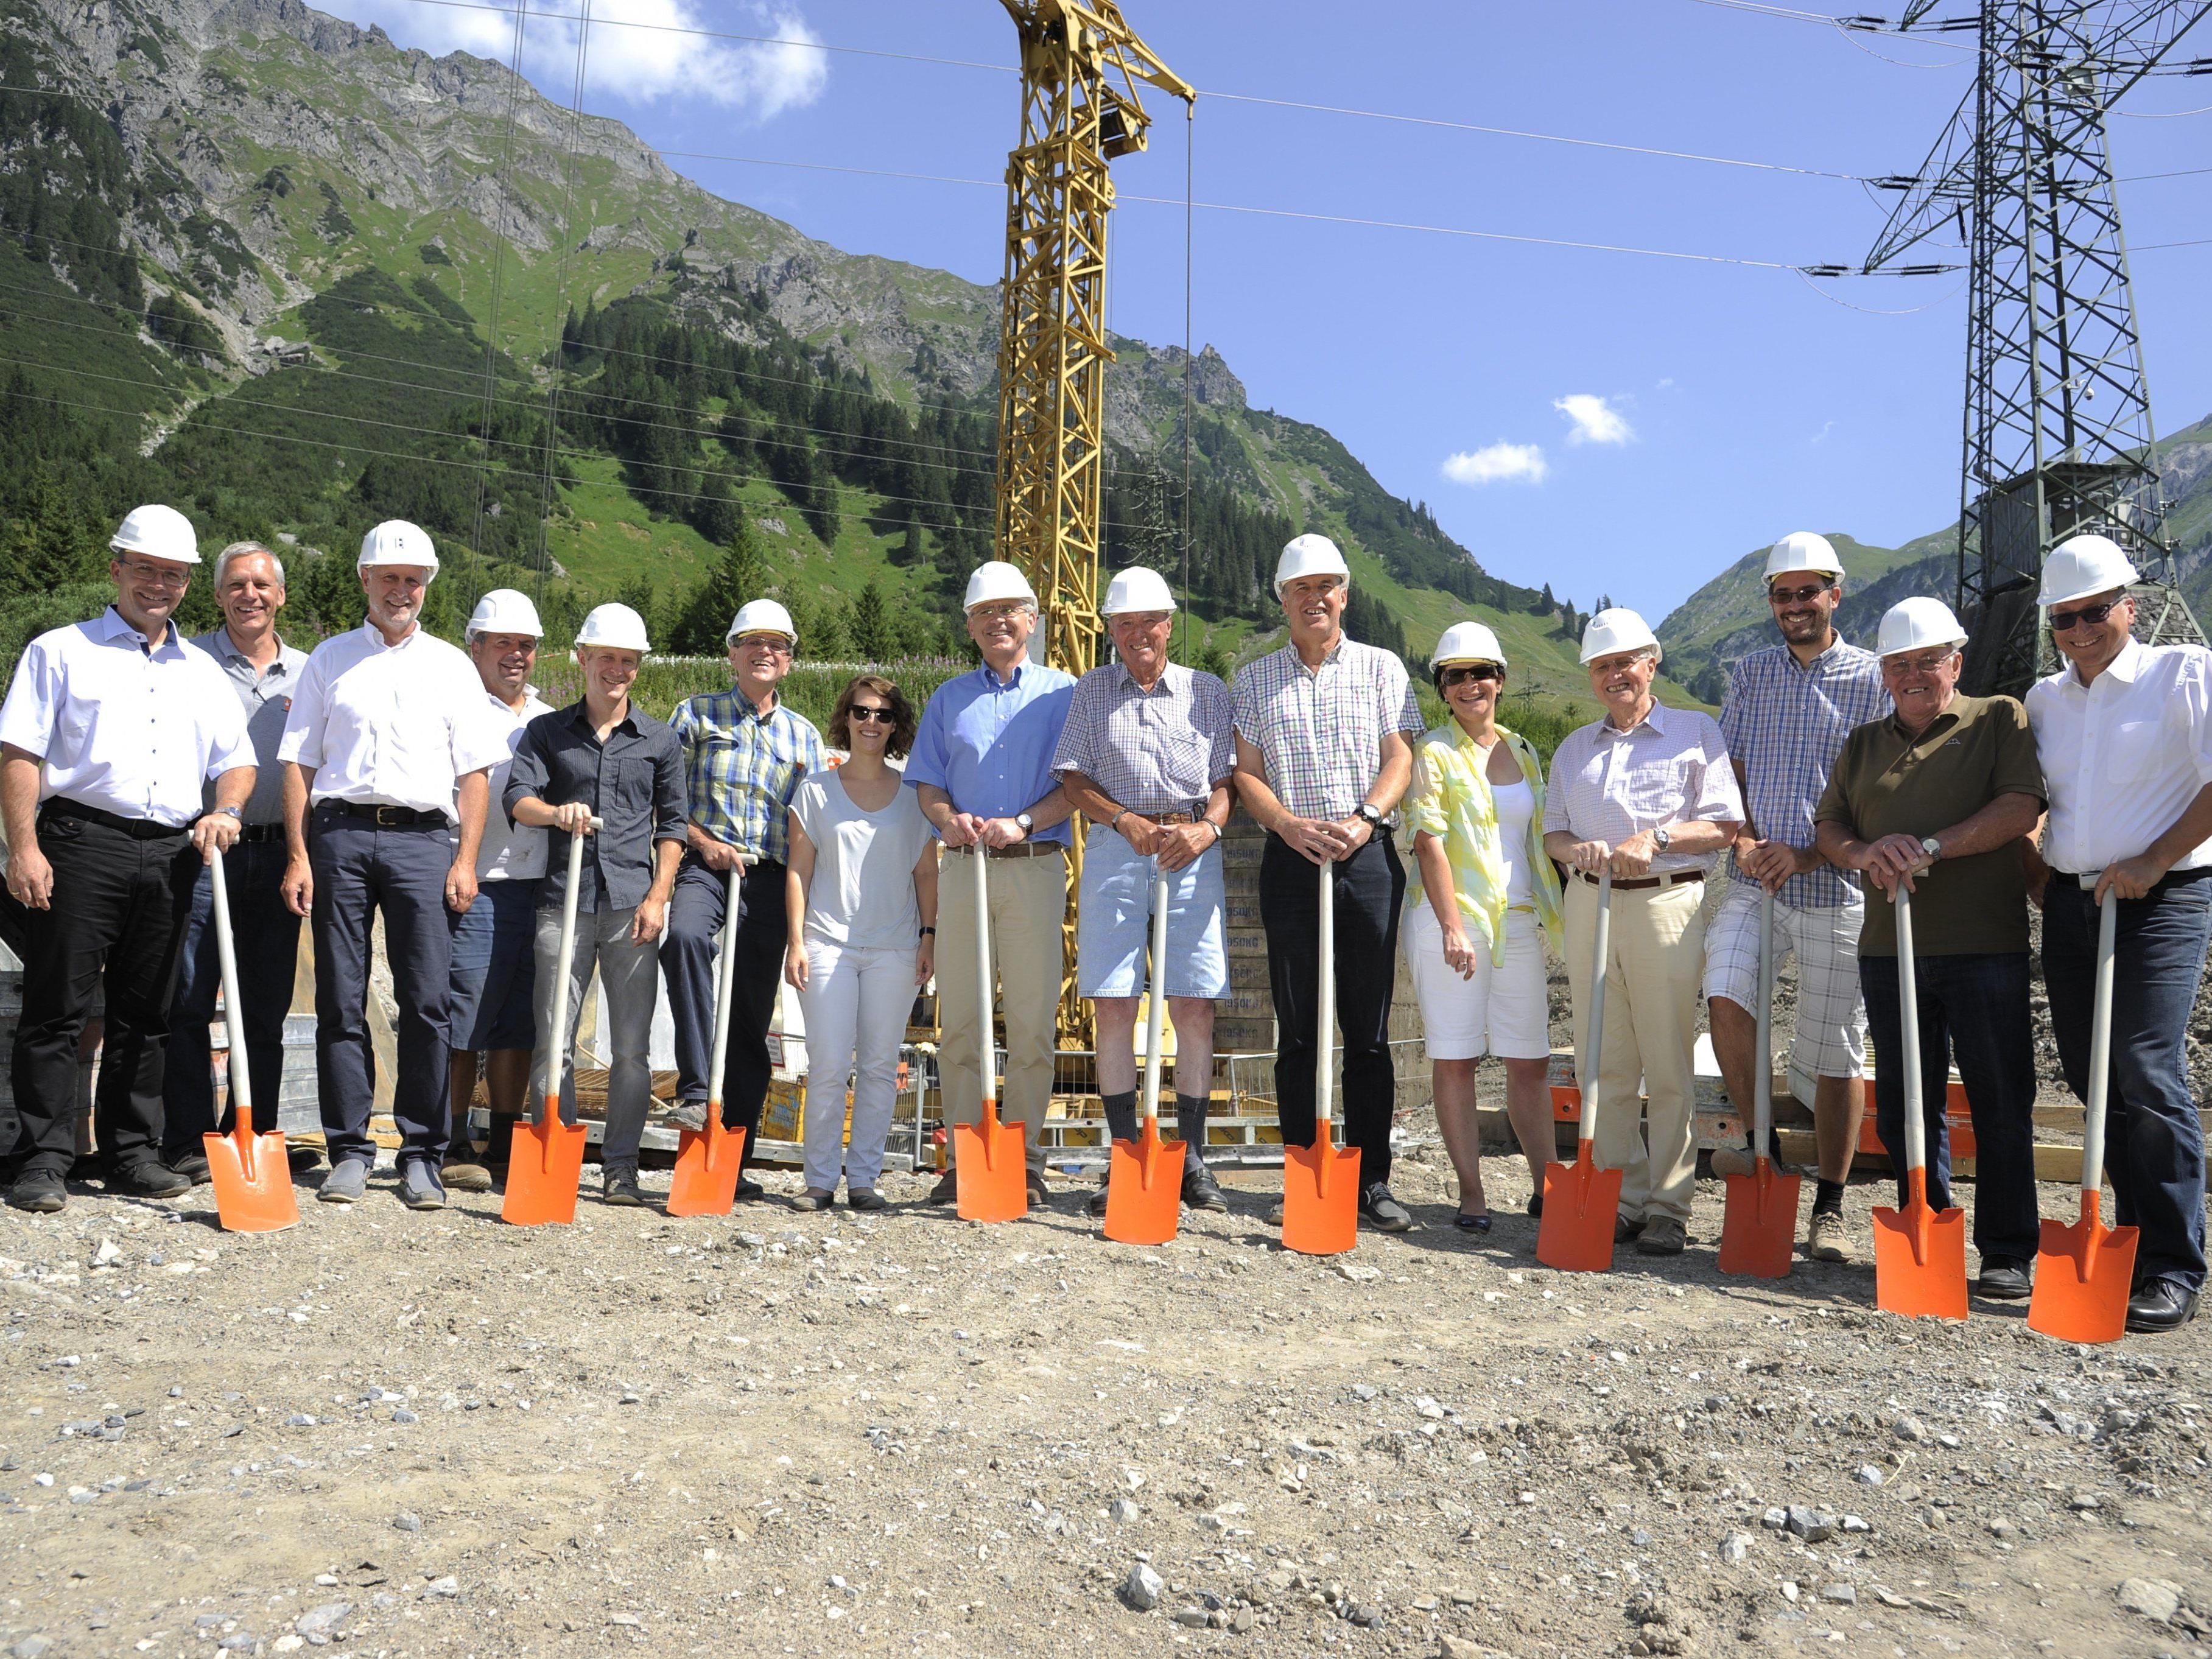 Spatenstich für Kleinwasserkraftwerk Stubenbach erfolgt.